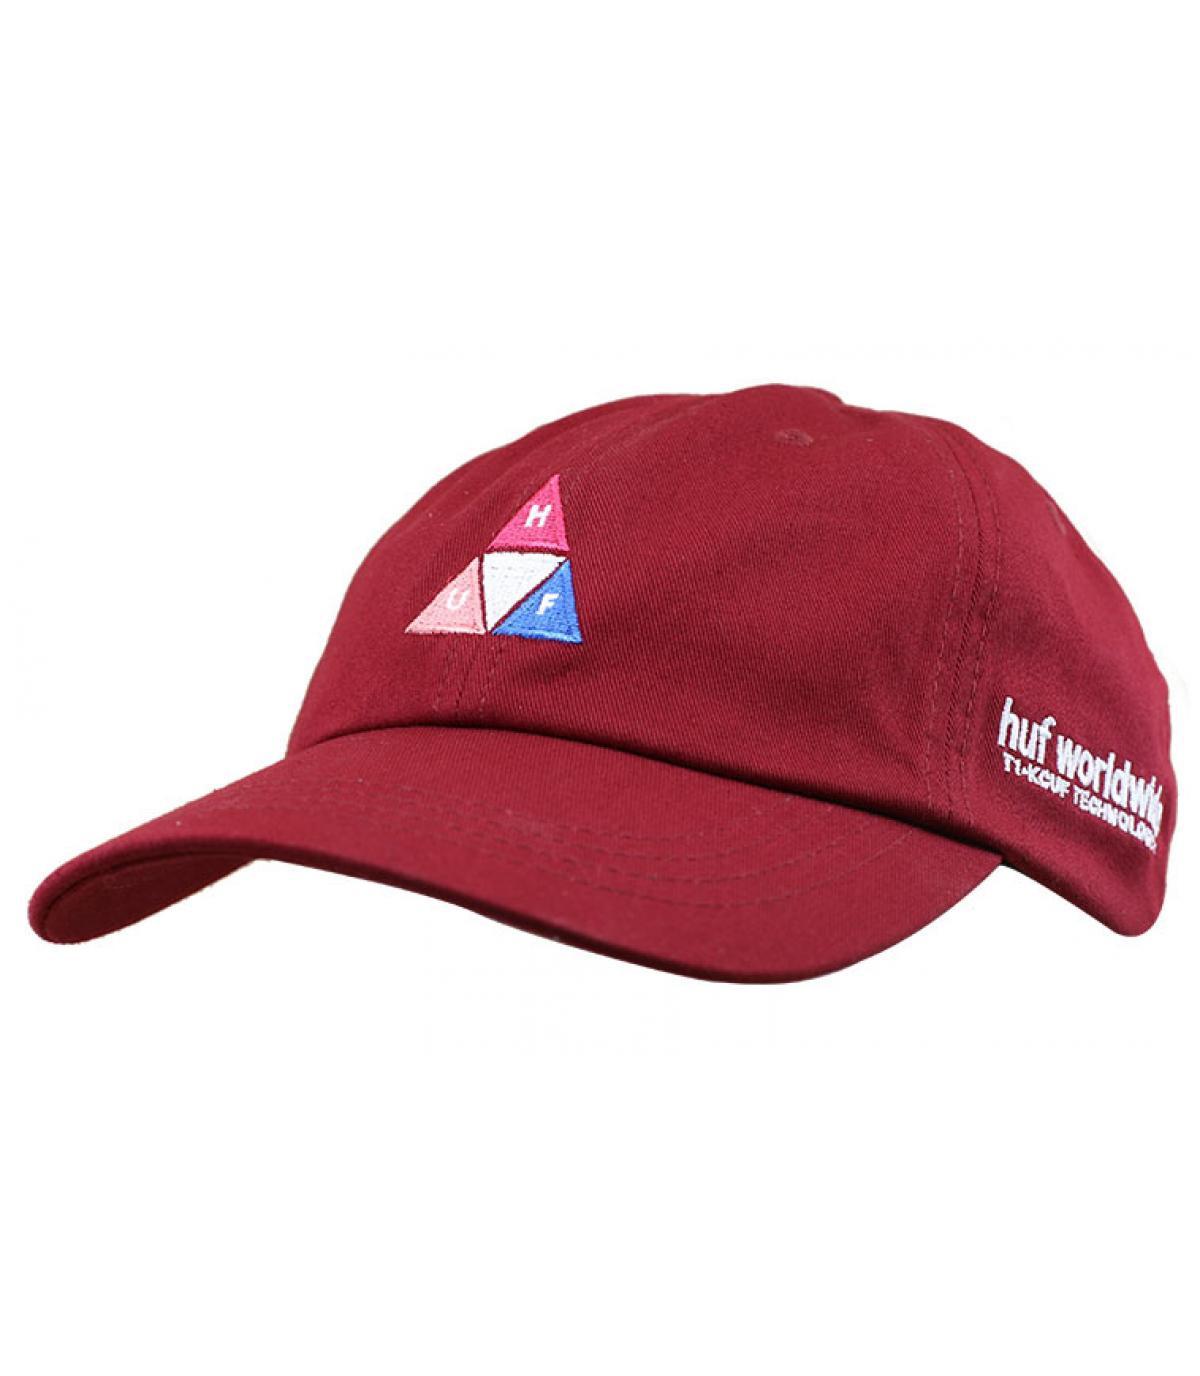 casquette Huf logo triangle bordeaux